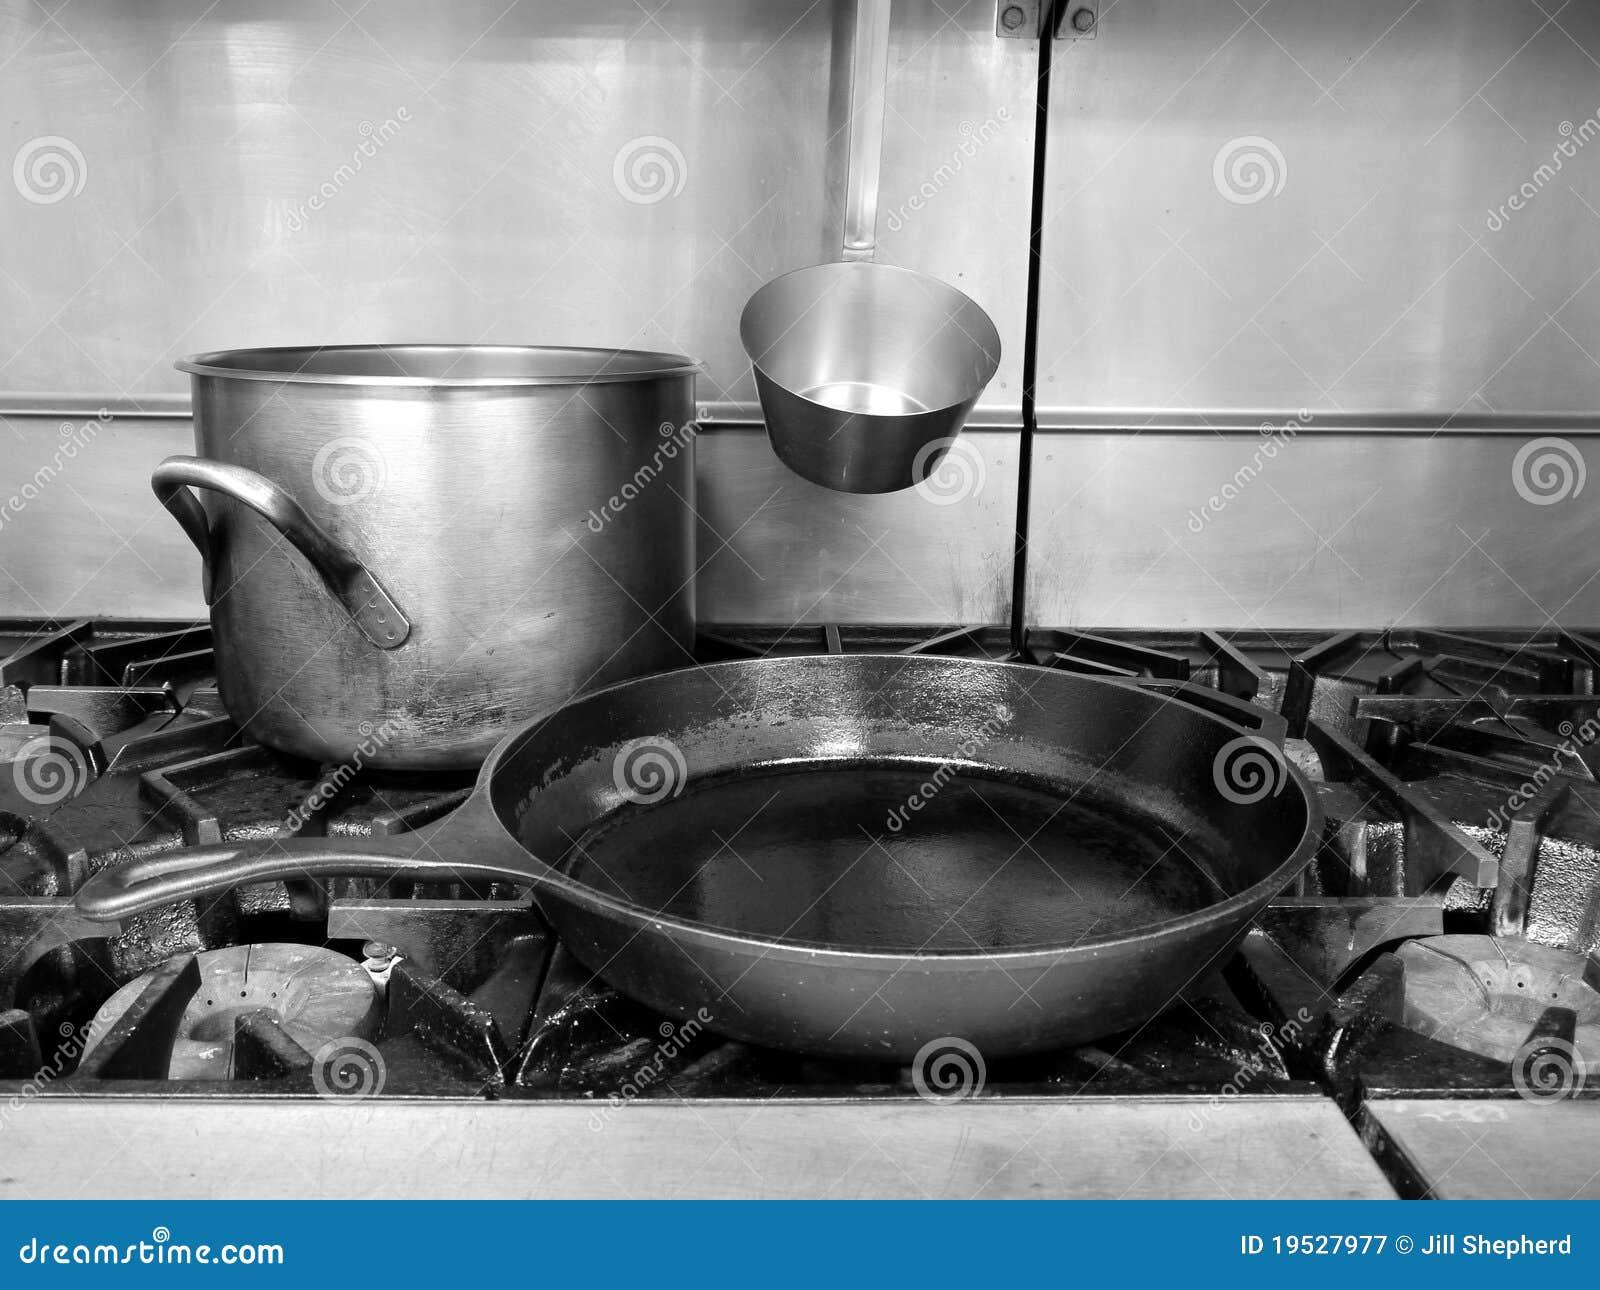 Zwart Keuken Fornuis : Commerciële keuken fornuis hoogste pot en pan stock afbeelding